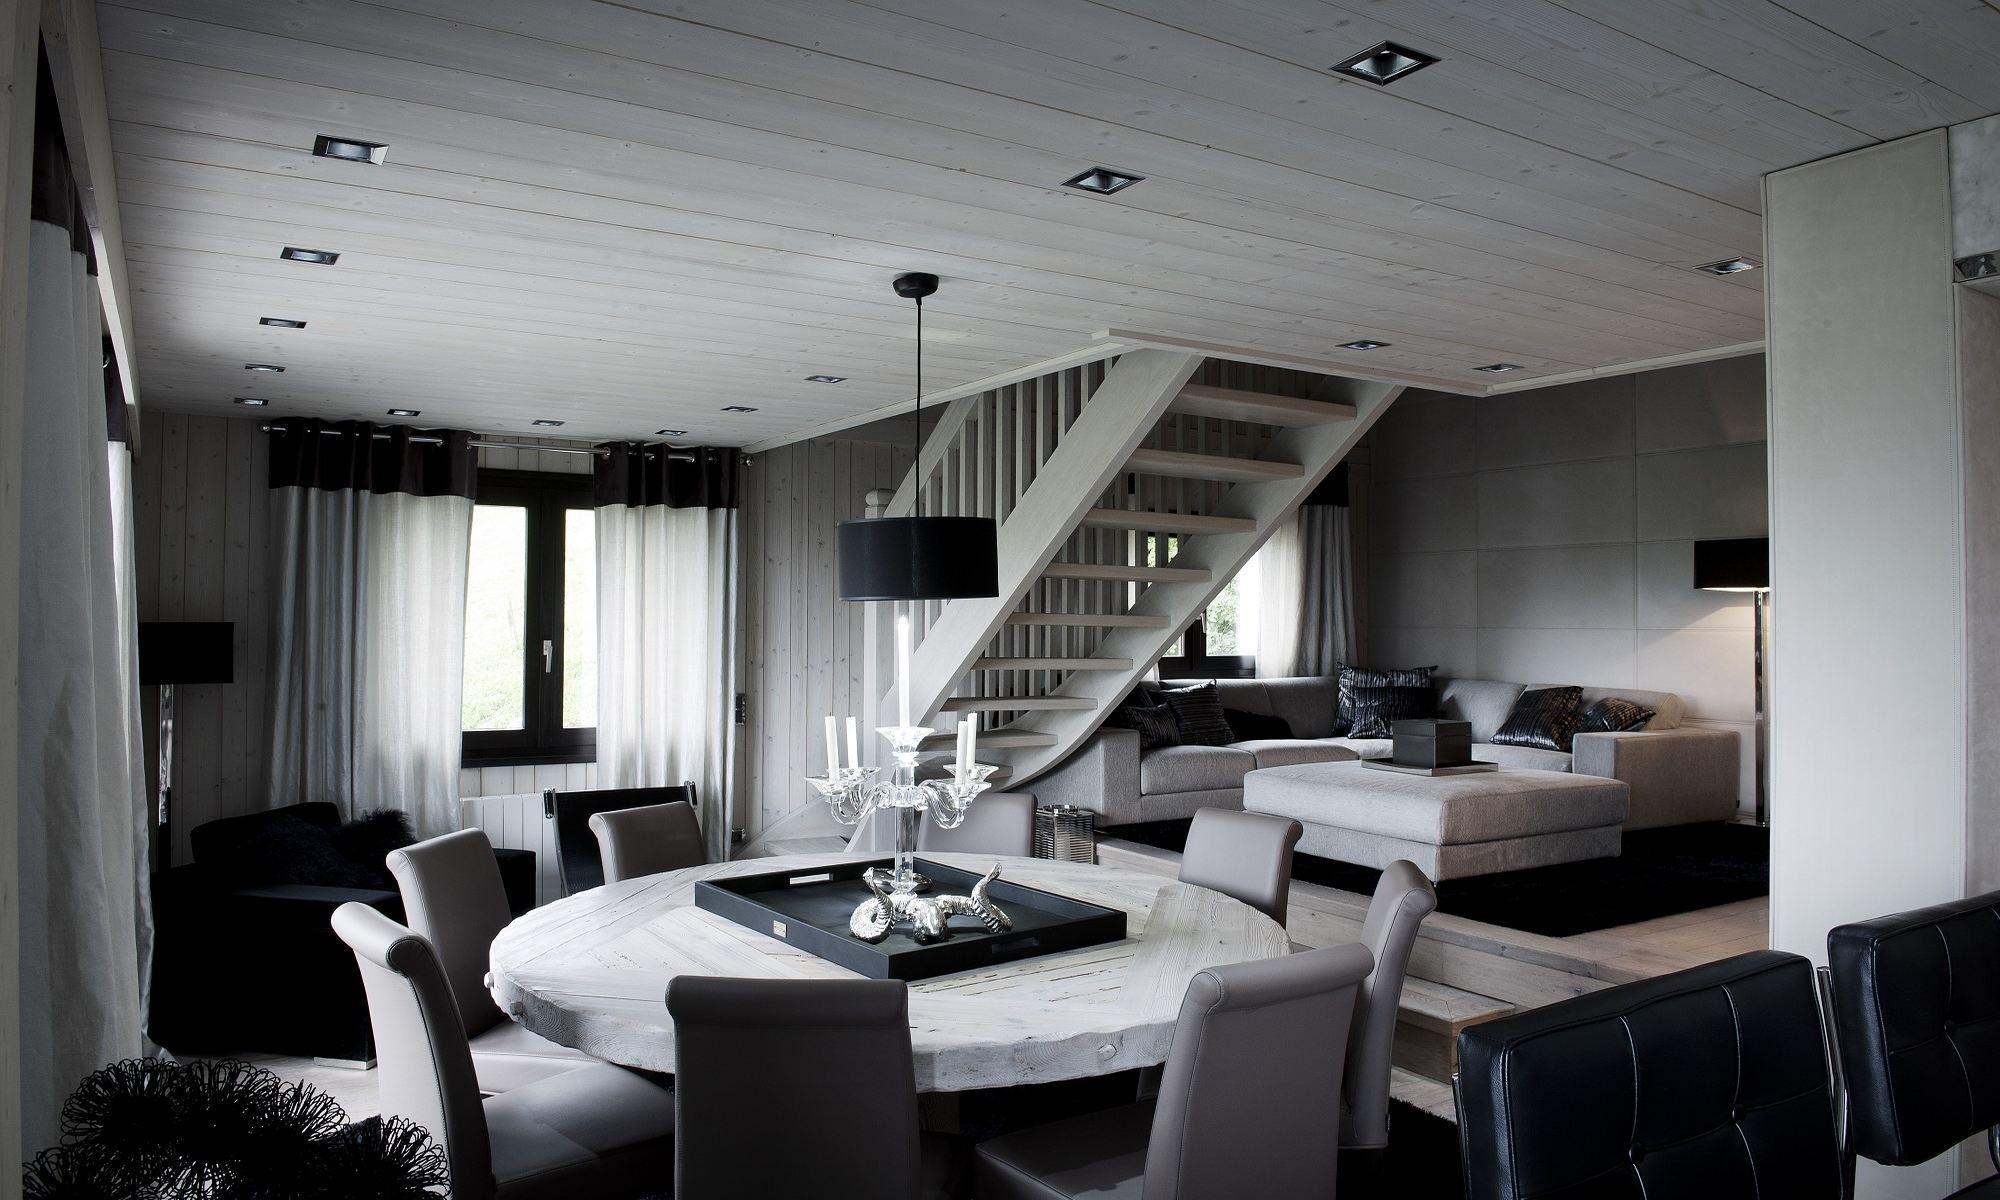 Property For Sale at Megève Jaillet Chalet Flocon